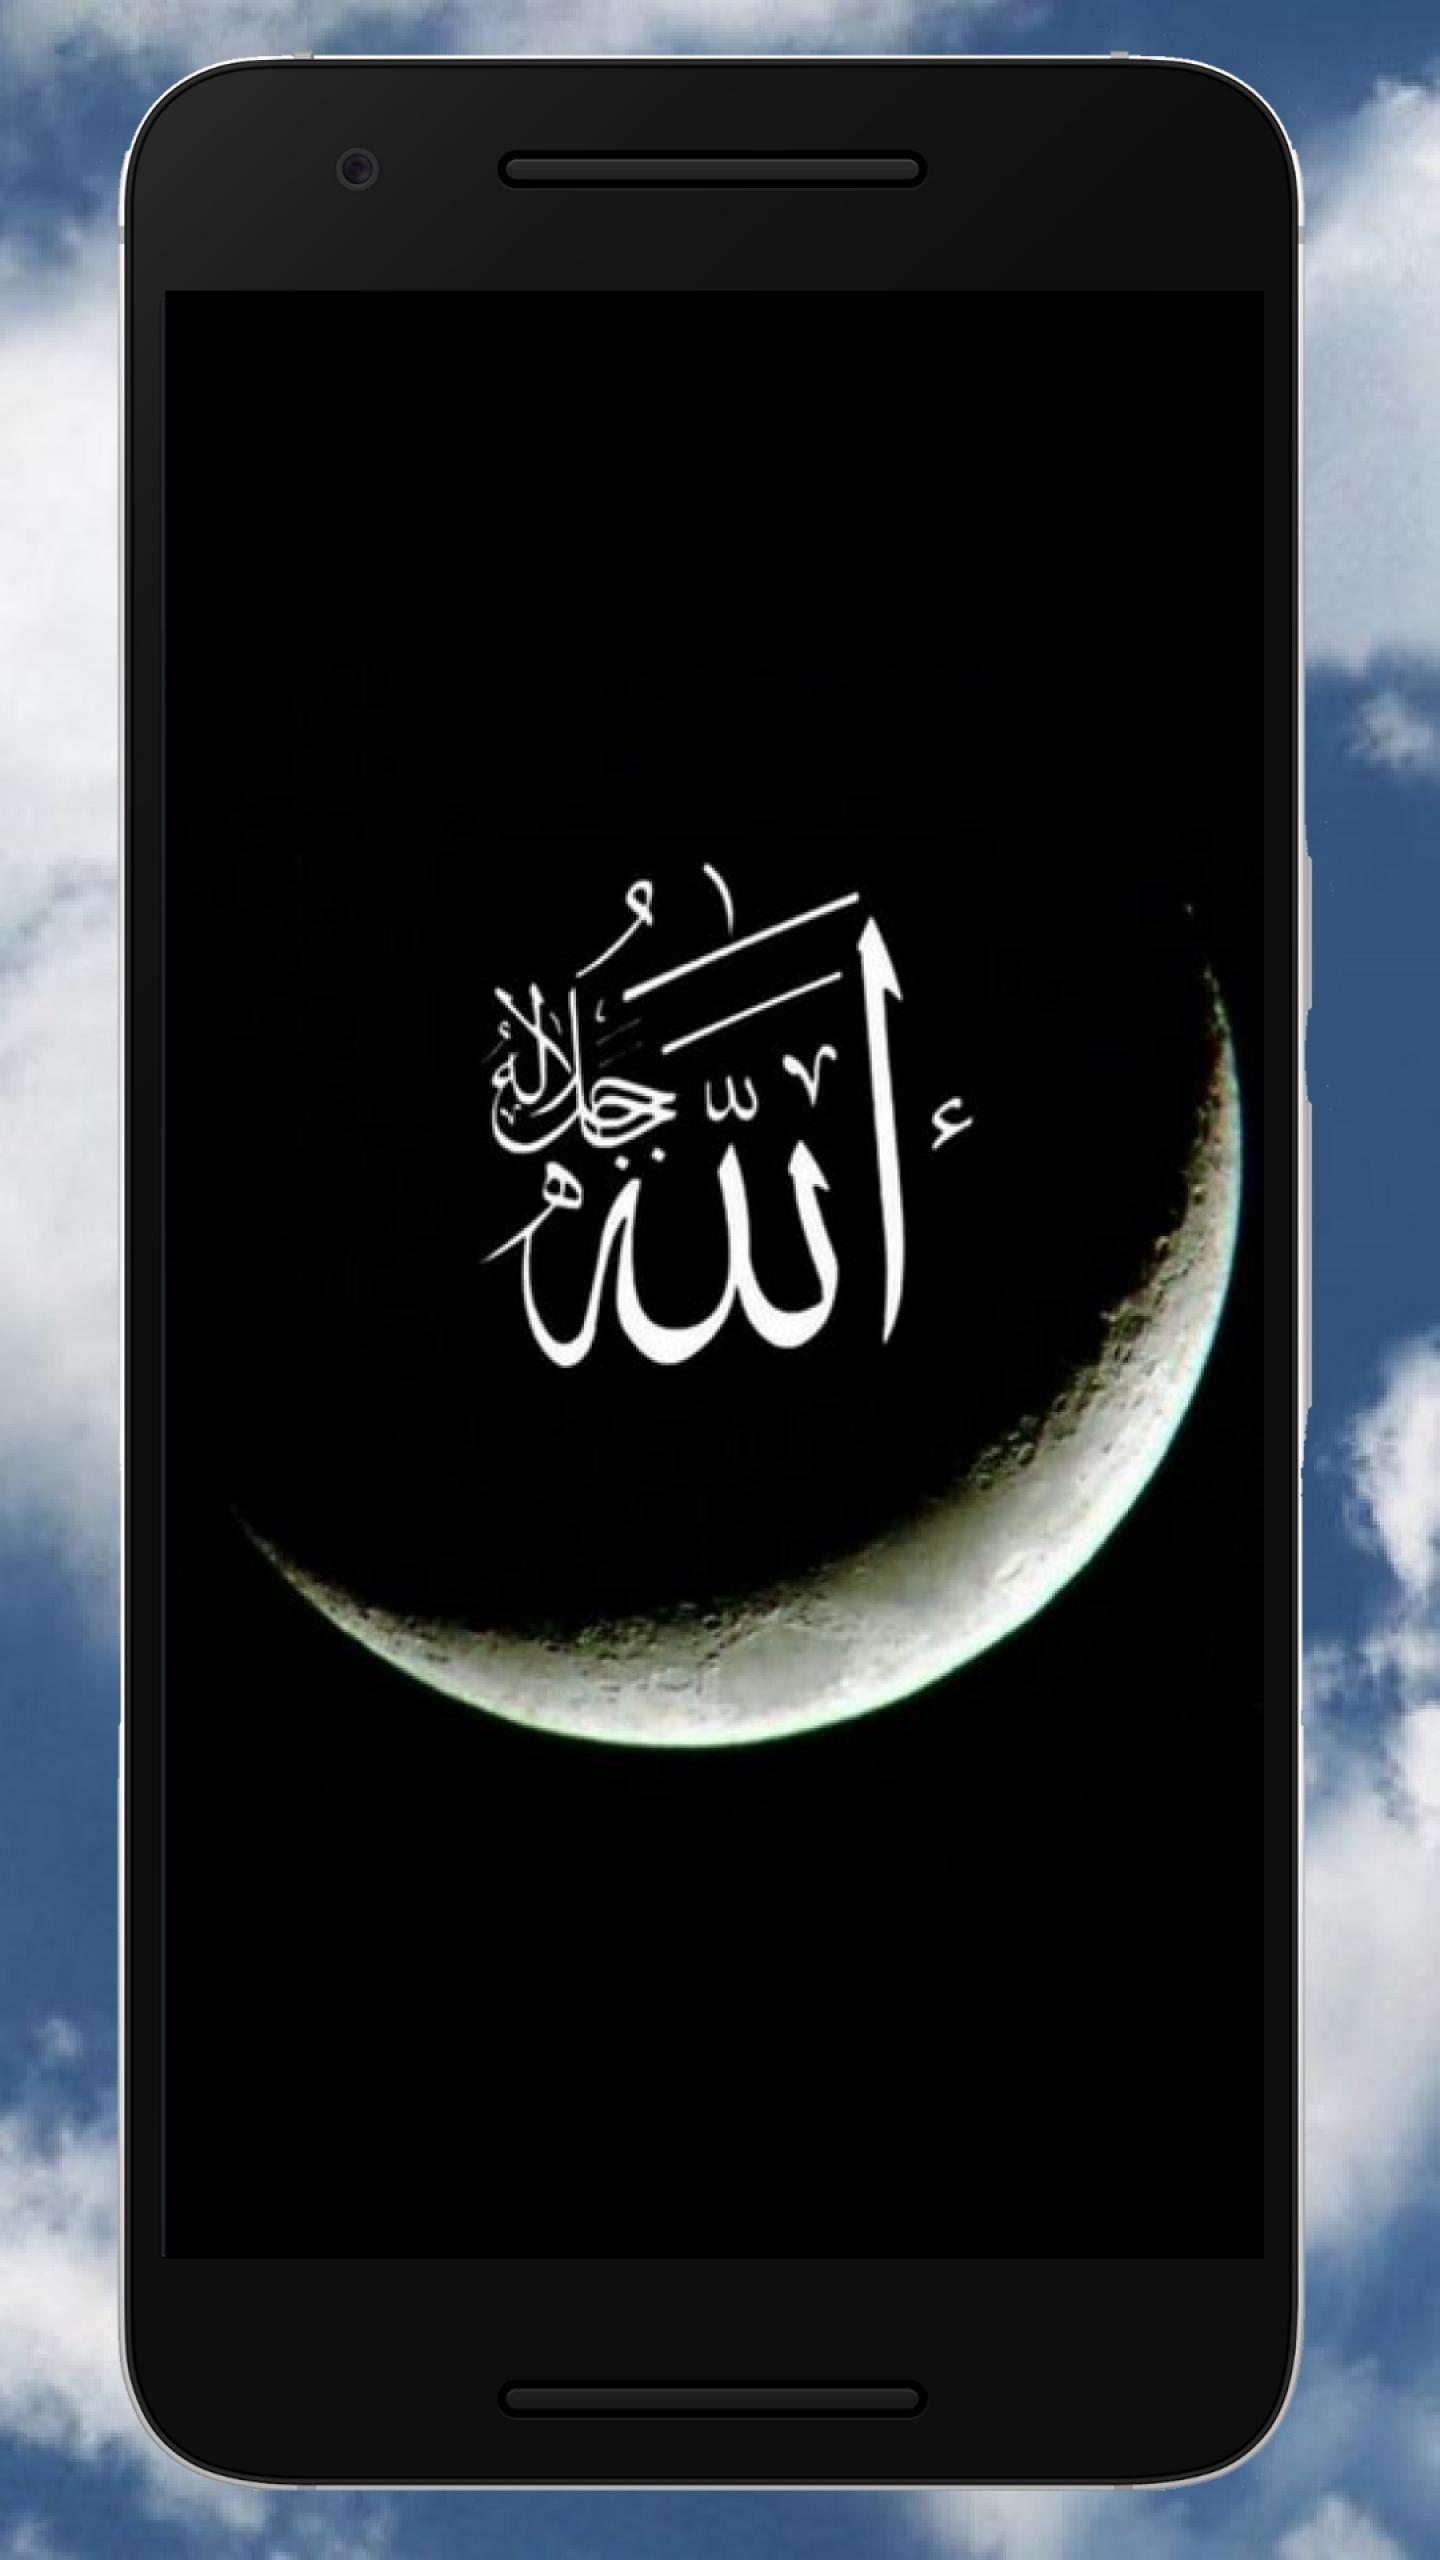 530 Koleksi Wallpaper Hp Lafadz Allah Hd Terbaik Allah Islam Batman Wallpaper Gambar Grafit